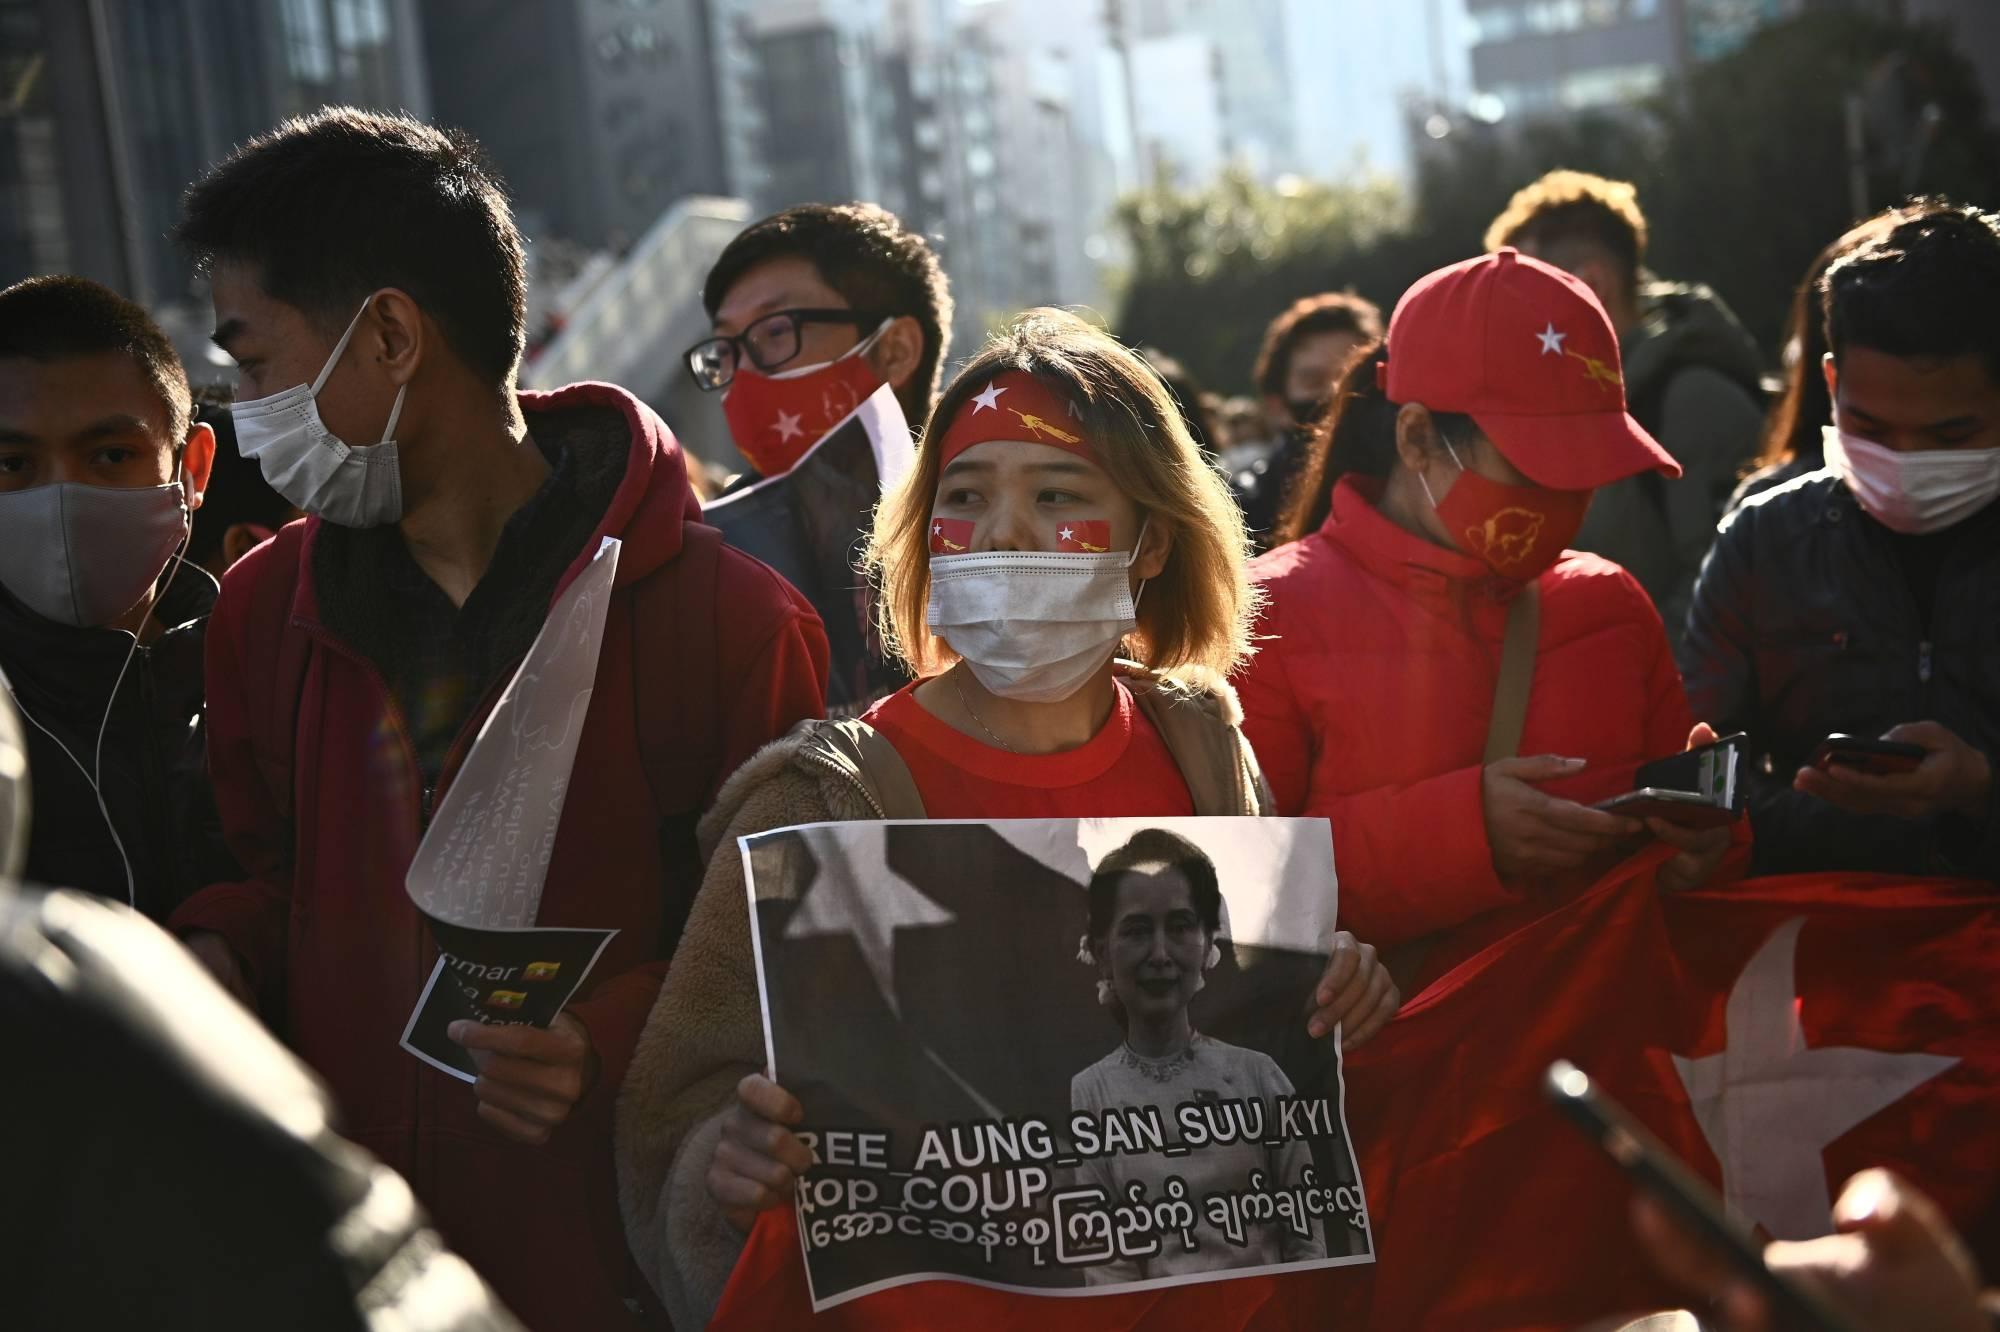 Cộng đồng Myanmar ở Nhật Bản sốc và lo lắng sau khi bà Aung San Suu Kyi bị giam giữ - Ảnh 2